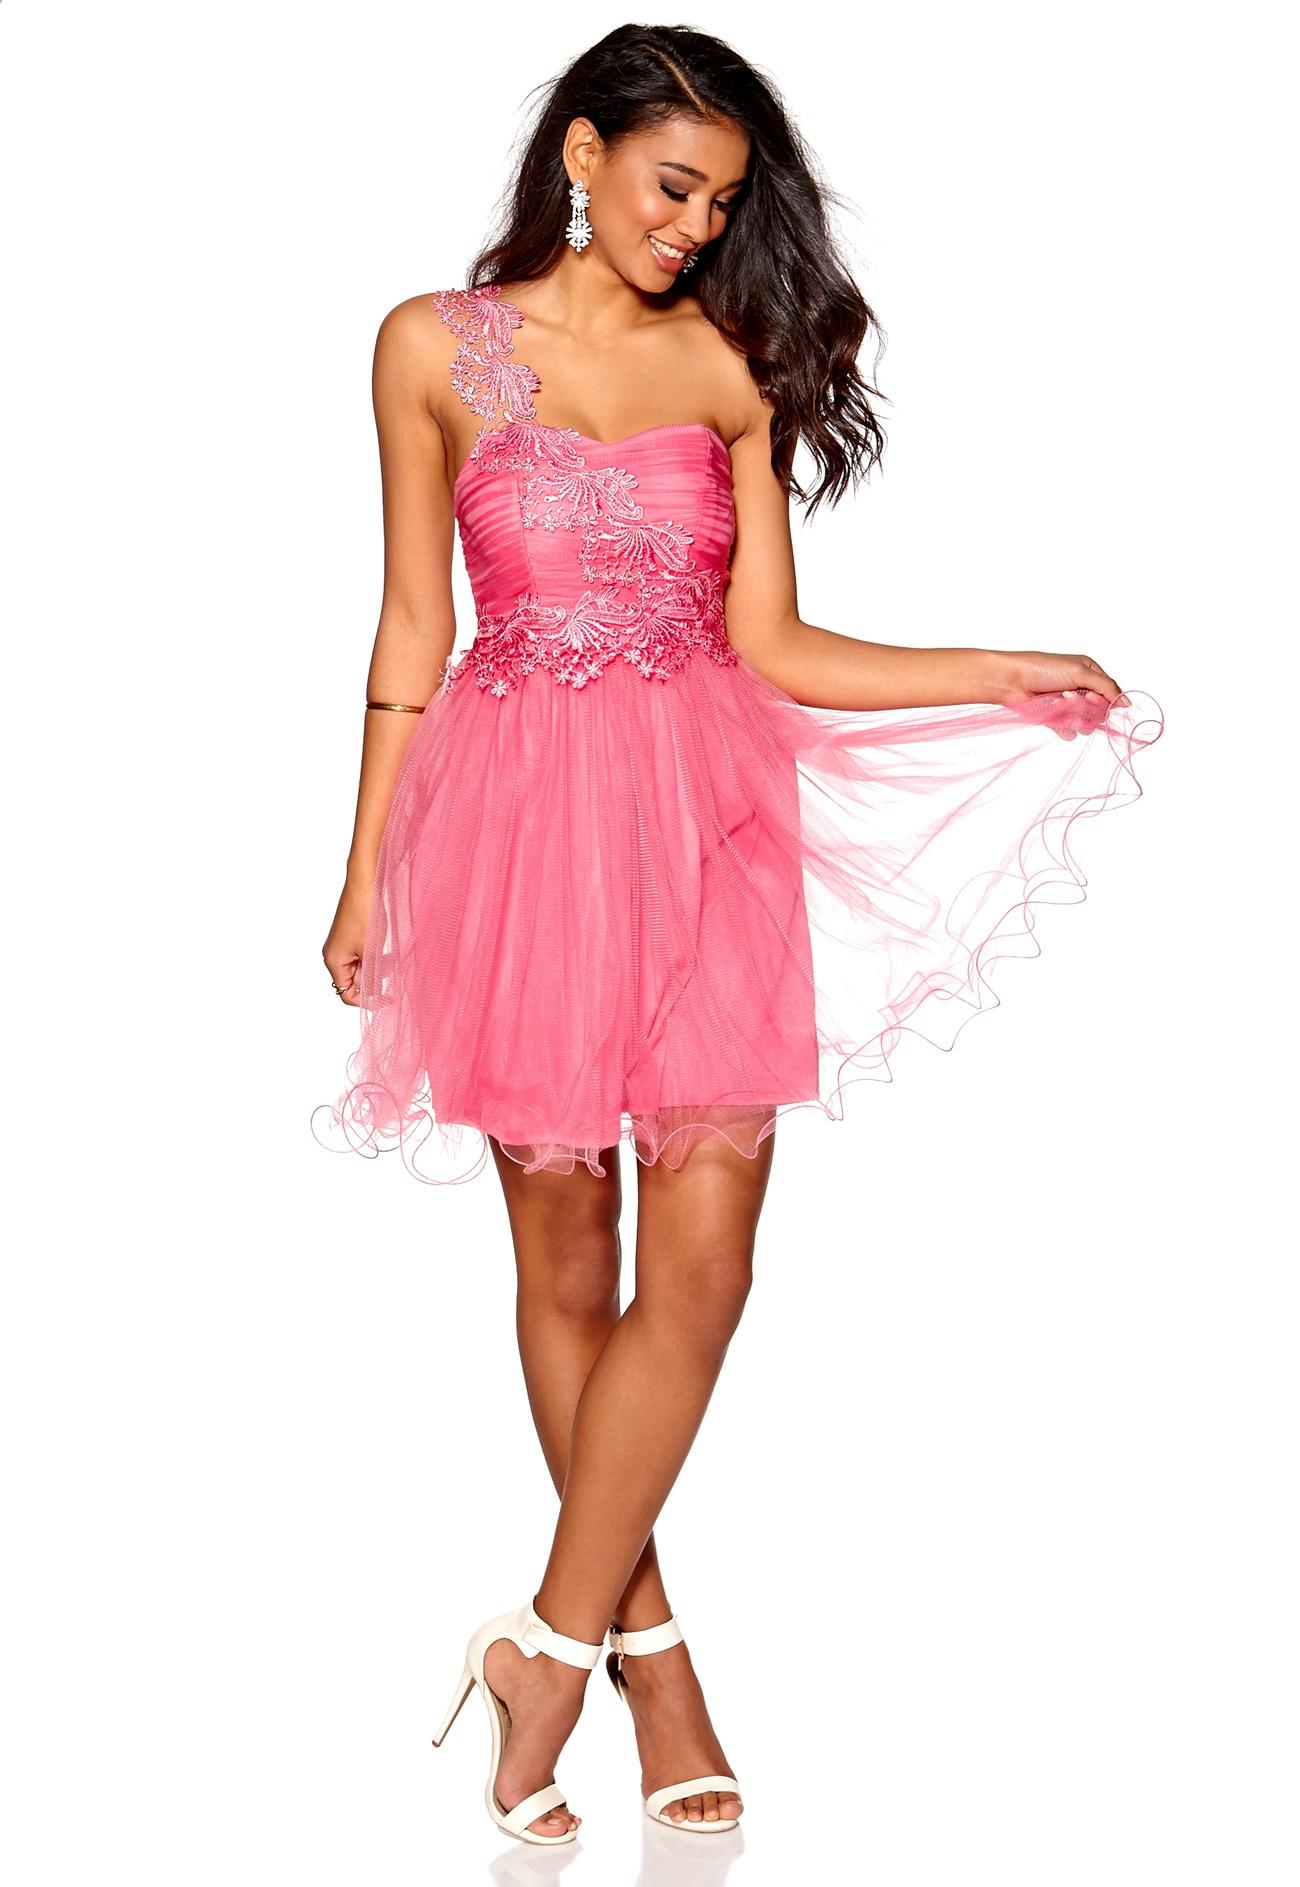 15e7813c Find smukke og elegante festkjoler her! Vi fører et kæmpe udvalg af  festkjoler i mange smukke designs til enhver smag og størrelse fra kendte  mærker online.